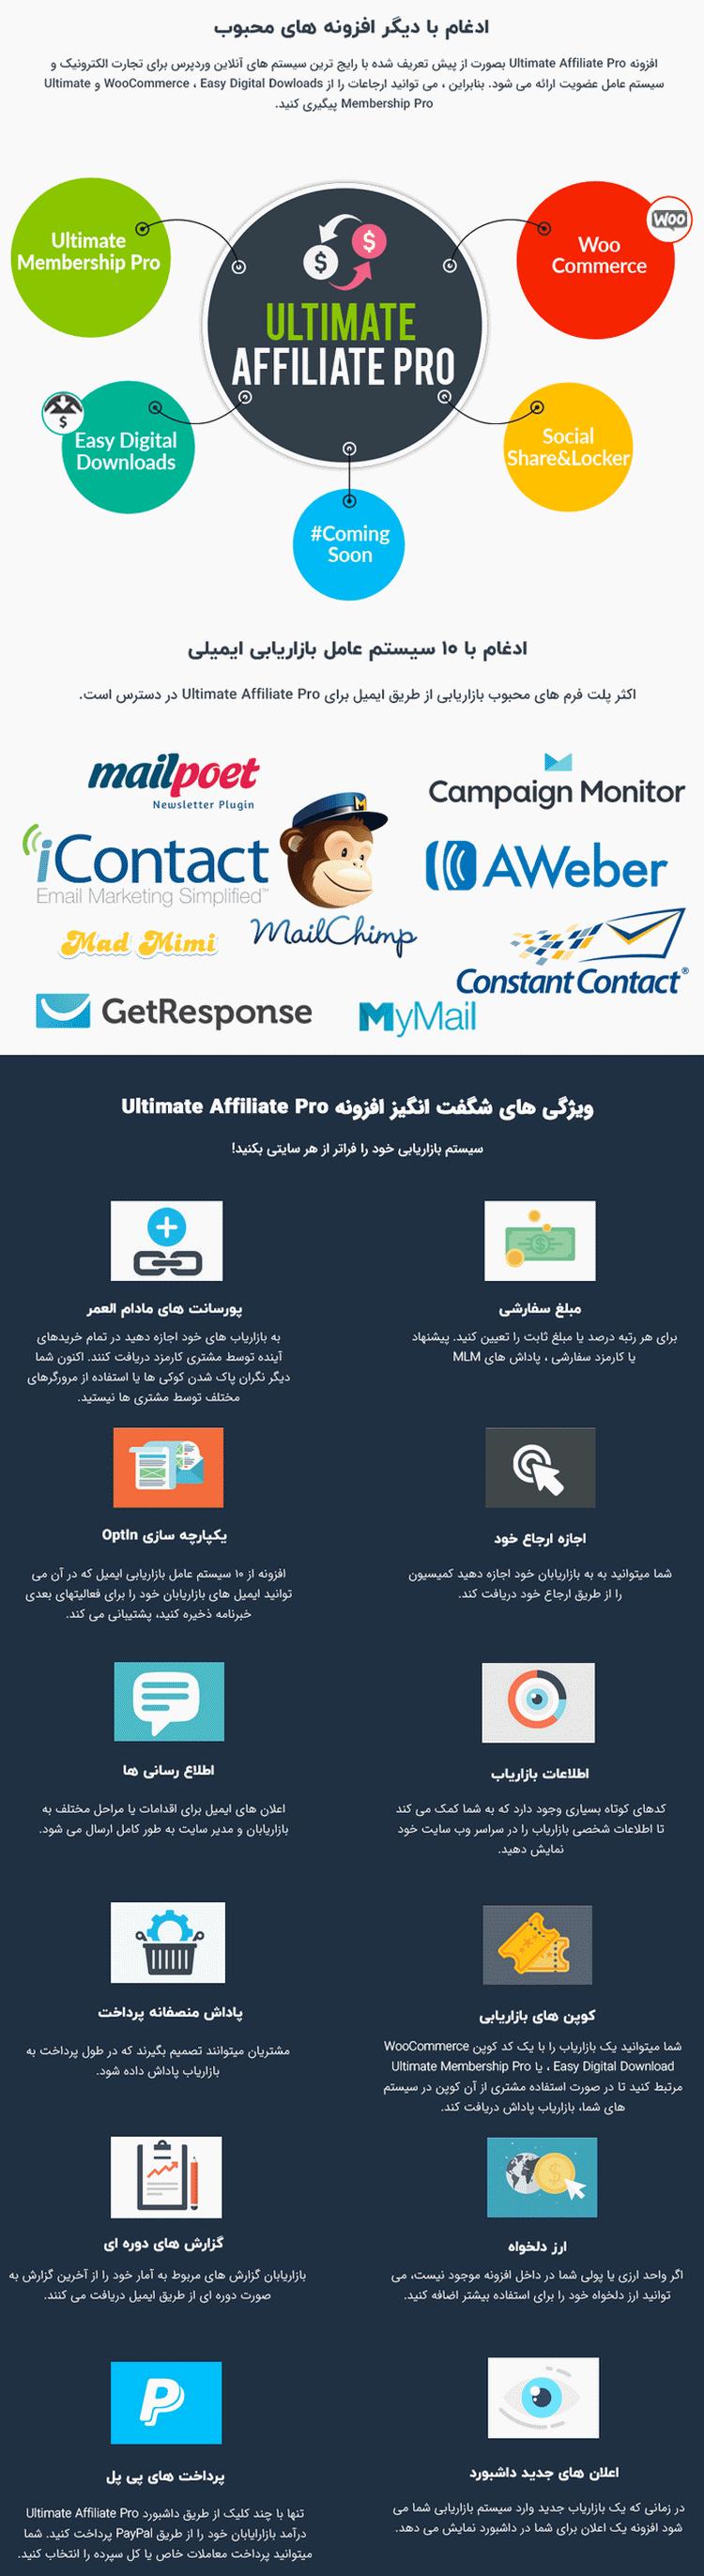 ویژگی های افزونه بازاریابی و همکاری در فروش وردپرس | Ultimate Affiliate Pro